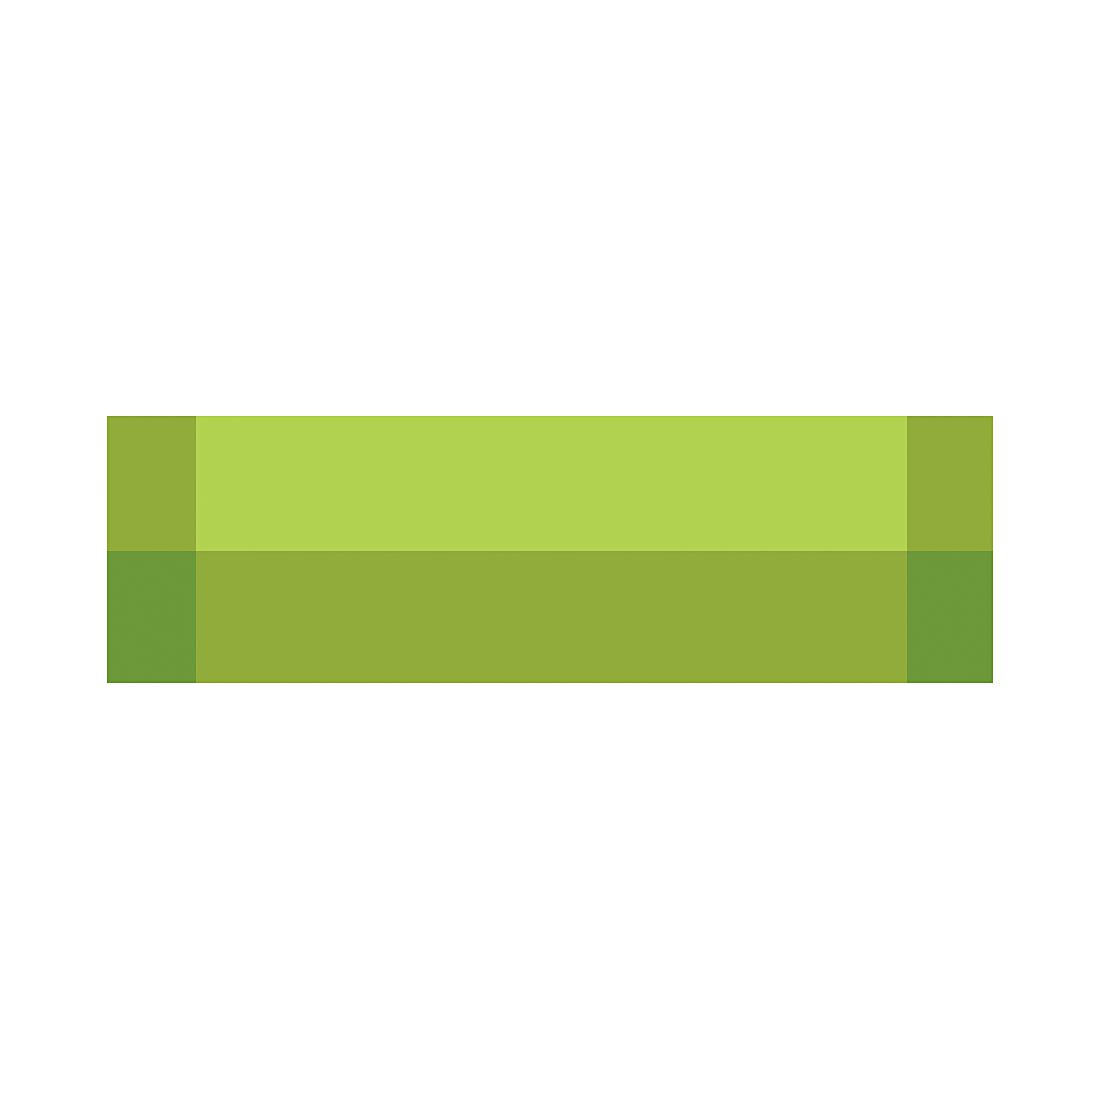 Tischläufer Zarah – grün, Contento online kaufen